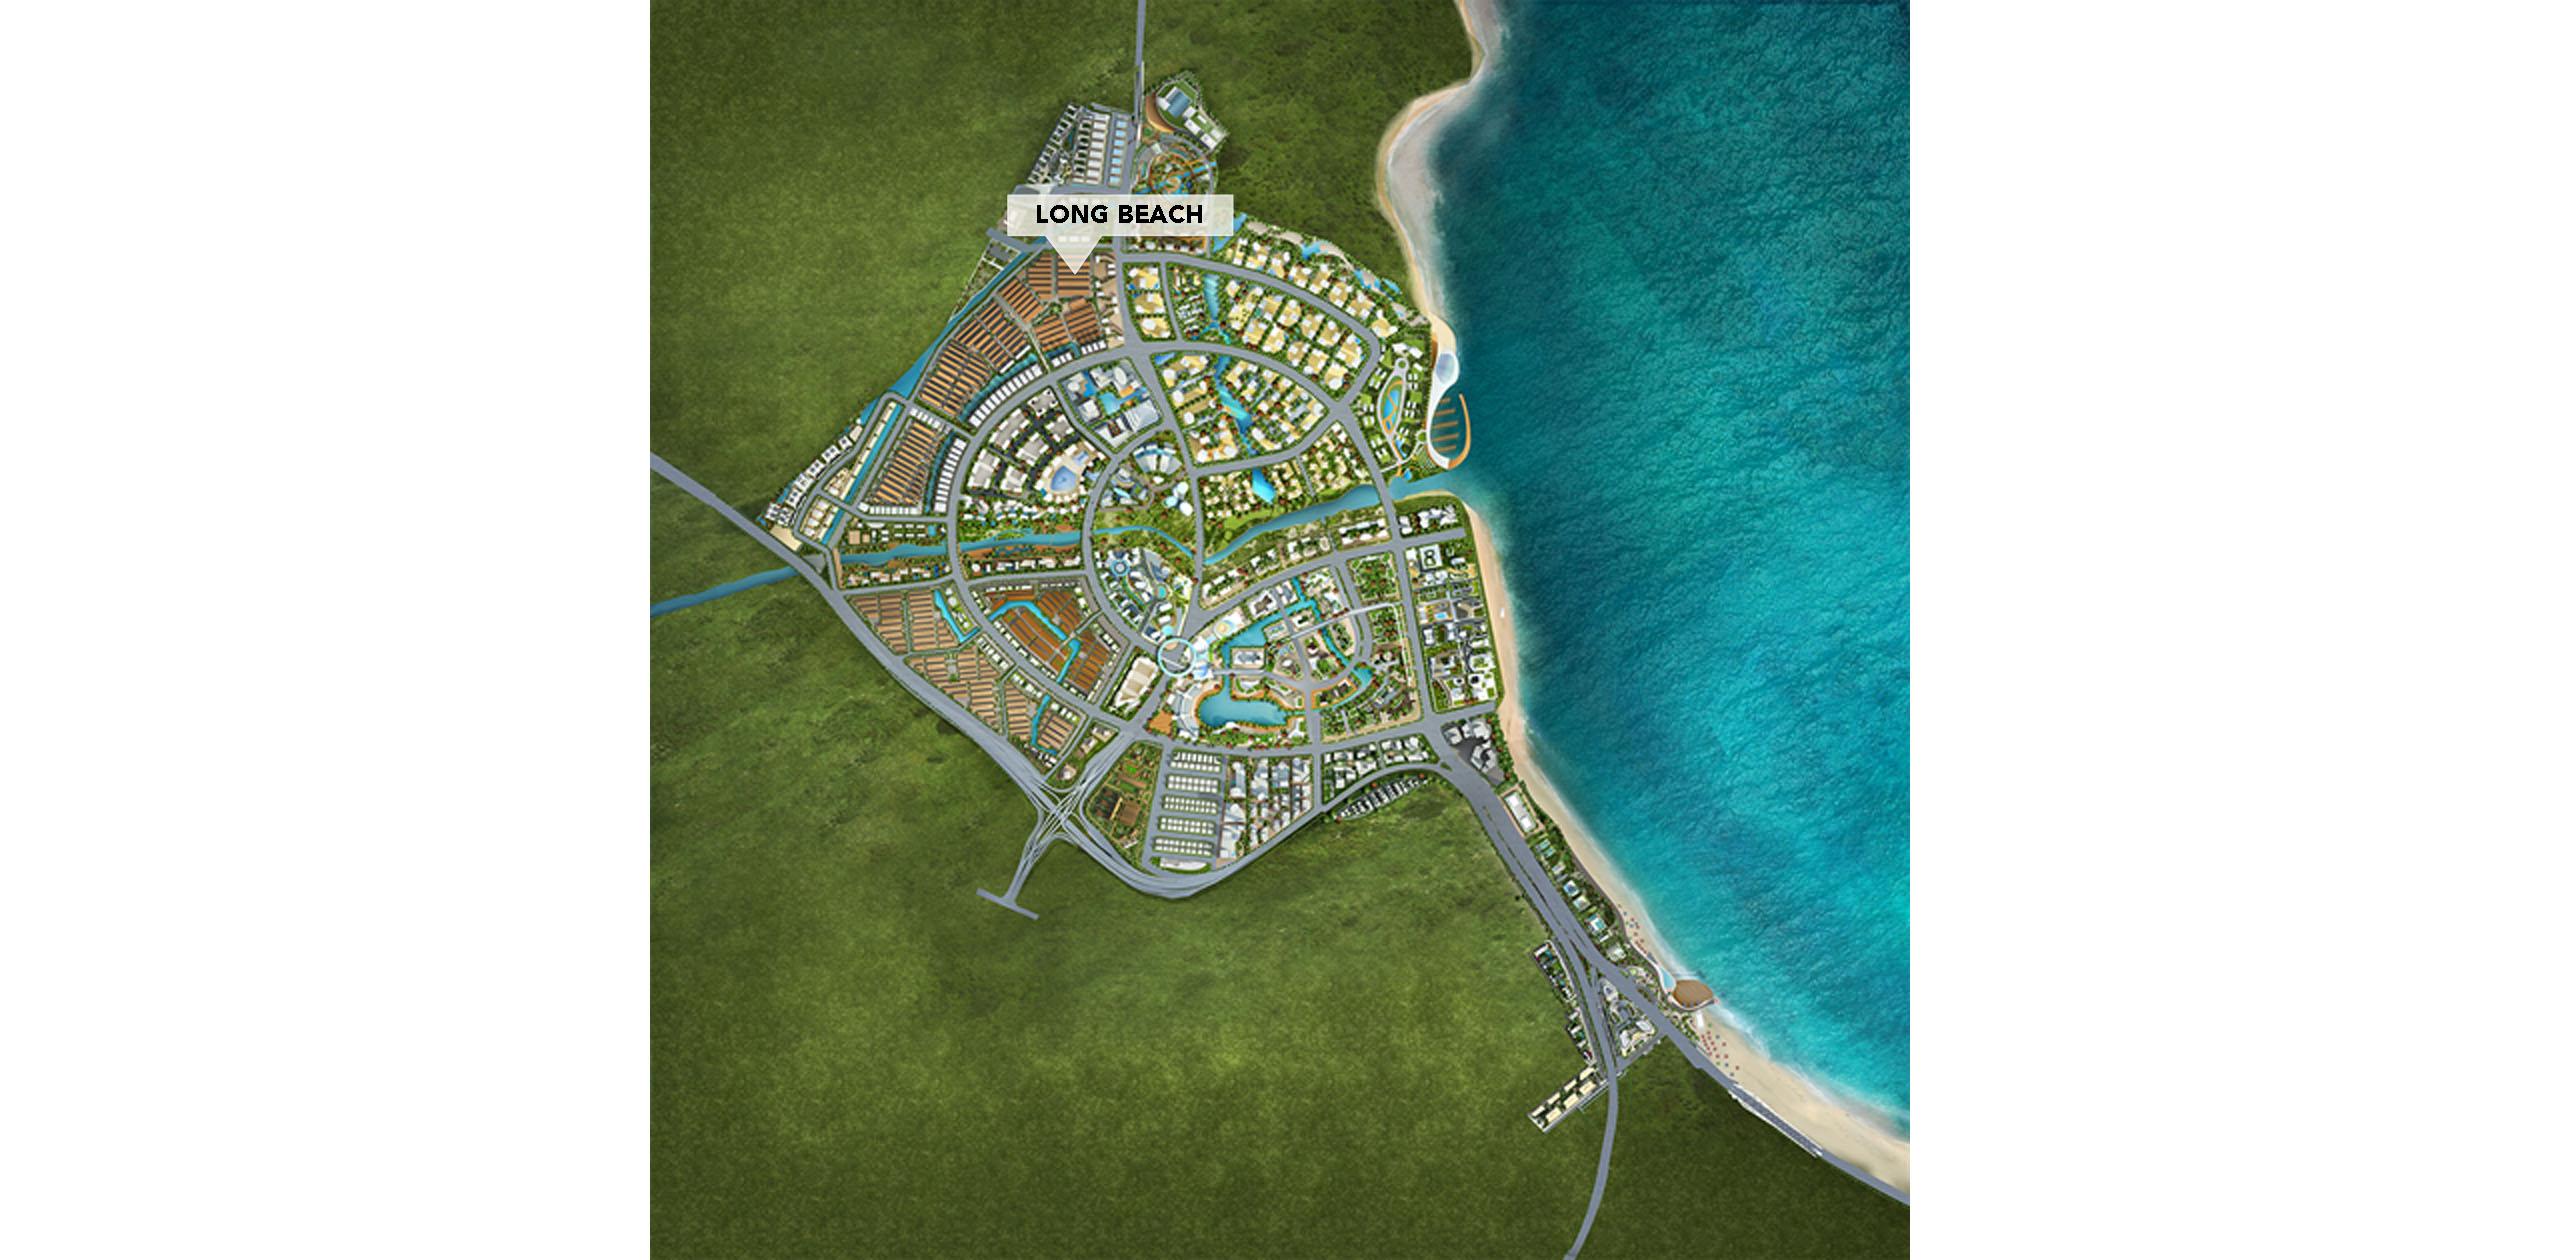 Pik2 - Long Beach